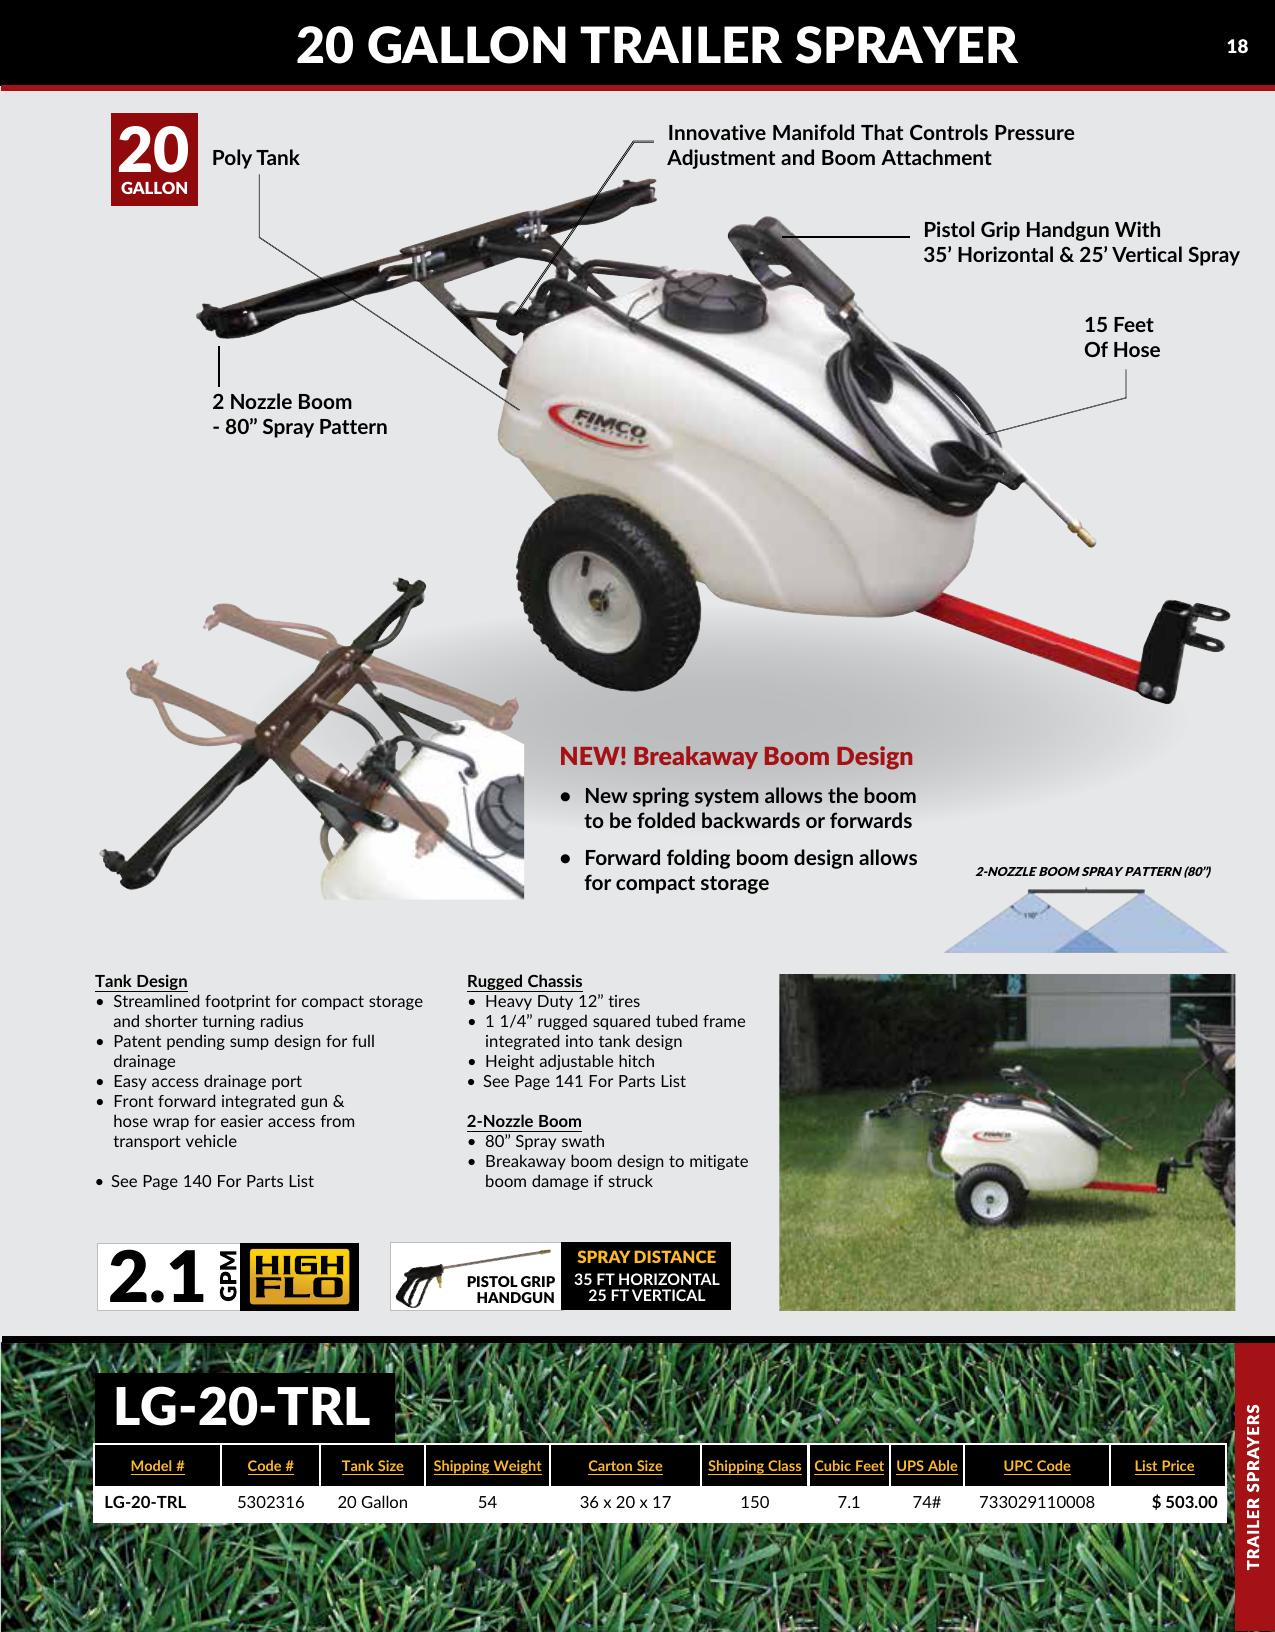 Trailer Sprayers - FIMCO Industries | manualzz com